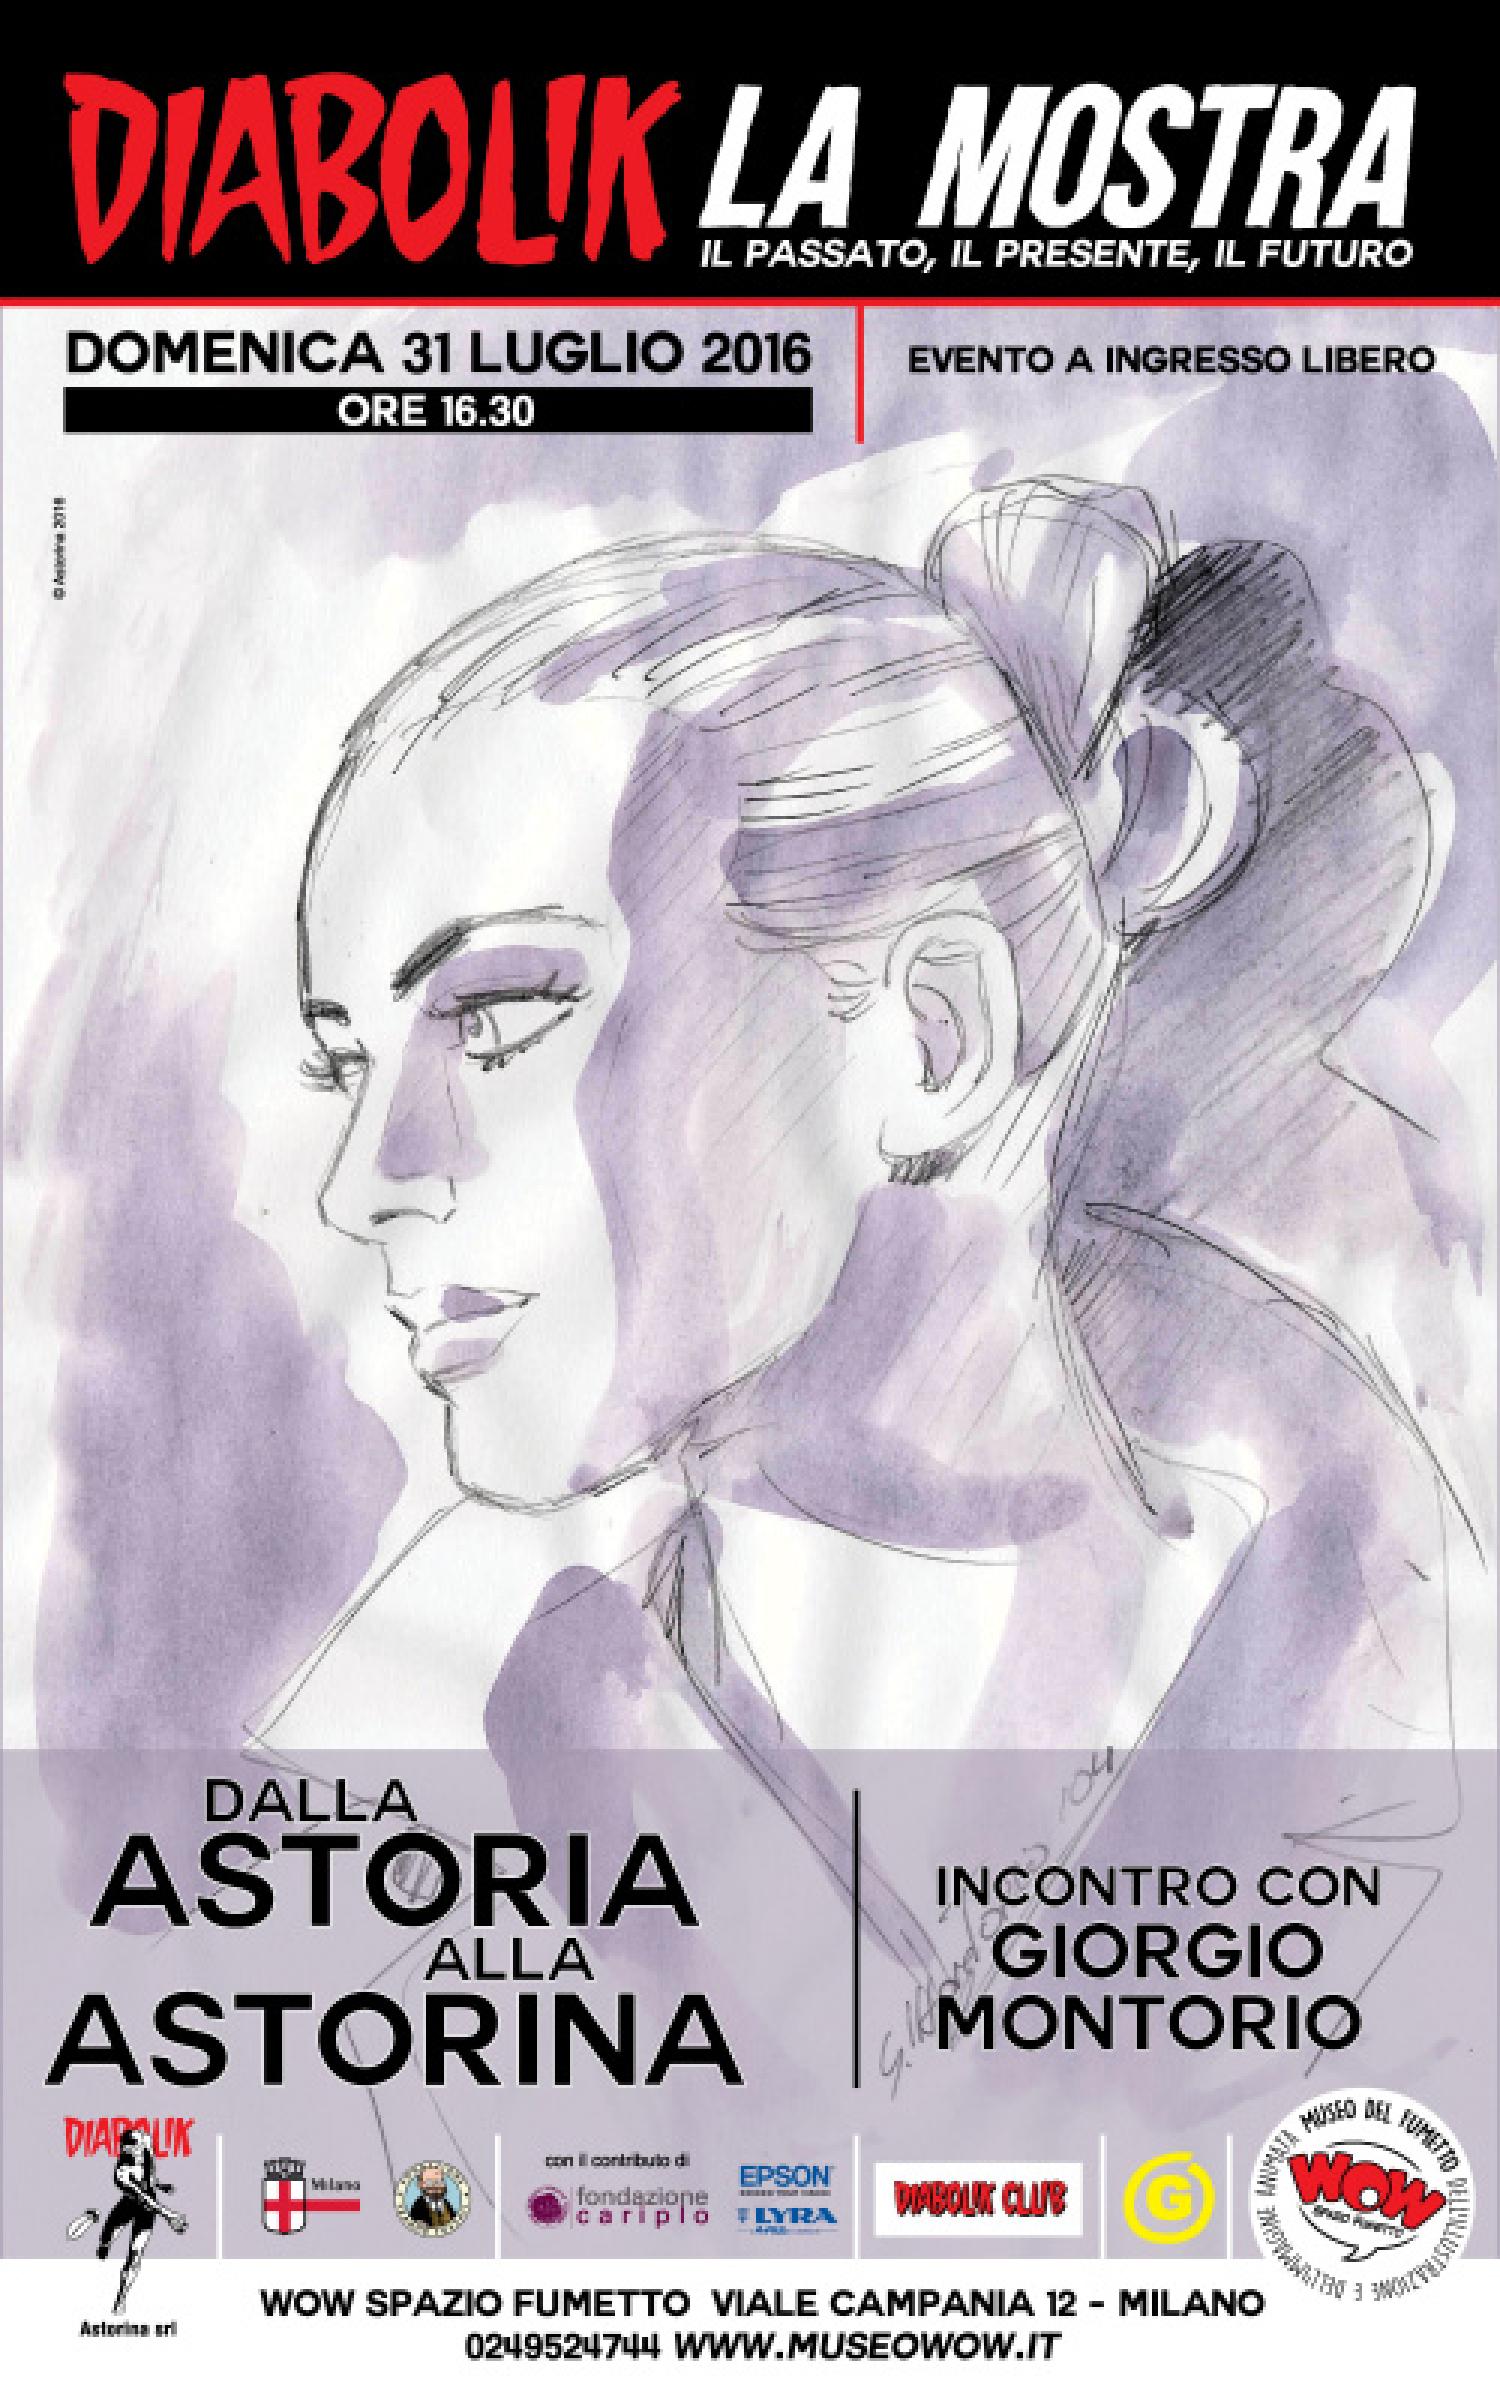 """<p><strong>Domenica 31 luglio</strong>, ultimo giorno di apertura (prima della pausa estiva) della <a target=""""_blank"""" href=""""http://www.museowow.it/wow/diabolik-in-mostra/"""">mostra dedicata a Diabolik</a>, alle <strong>16,30</strong> sar&agrave; possibile incontrare <strong>Giorgio Montorio</strong>, artista di punta prima della casa editrice di Gino Sansoni e poi di Astorina. Autore di <em><strong>Alboromanzo Vamp</strong></em>, di molte storie pubblicate sulle pagine della rivista <em>Horror</em> e creatore grafico di Teddy Bobb, <strong>ha realizzato le chine di oltre 100 numeri di <em>Diabolik</em></strong>. L&rsquo;incontro, ideato con <strong>Lorenzo Altariva</strong> e il <a target=""""_blank"""" href=""""http://www.diabolikclub.it/""""><strong>Diabolik Club</strong></a>, &egrave; l&rsquo;occasione per scoprire la storia di questo diaboliko disegnatore protagonista di una bella biografia pubblicata dalle Edizioni Cammeo di Bologna. <strong>GIORGIO MONTORIO &ndash; UNA MATITA DESTINATA AL FUMETTO</strong>, firmata da Lorenzo Altariva, Alessandro e Paolo Forni, &egrave; un volume ricco di documenti, aneddoti e cronologie che permettono di scoprire le molte facce di Giorgio Montorio.</p>"""